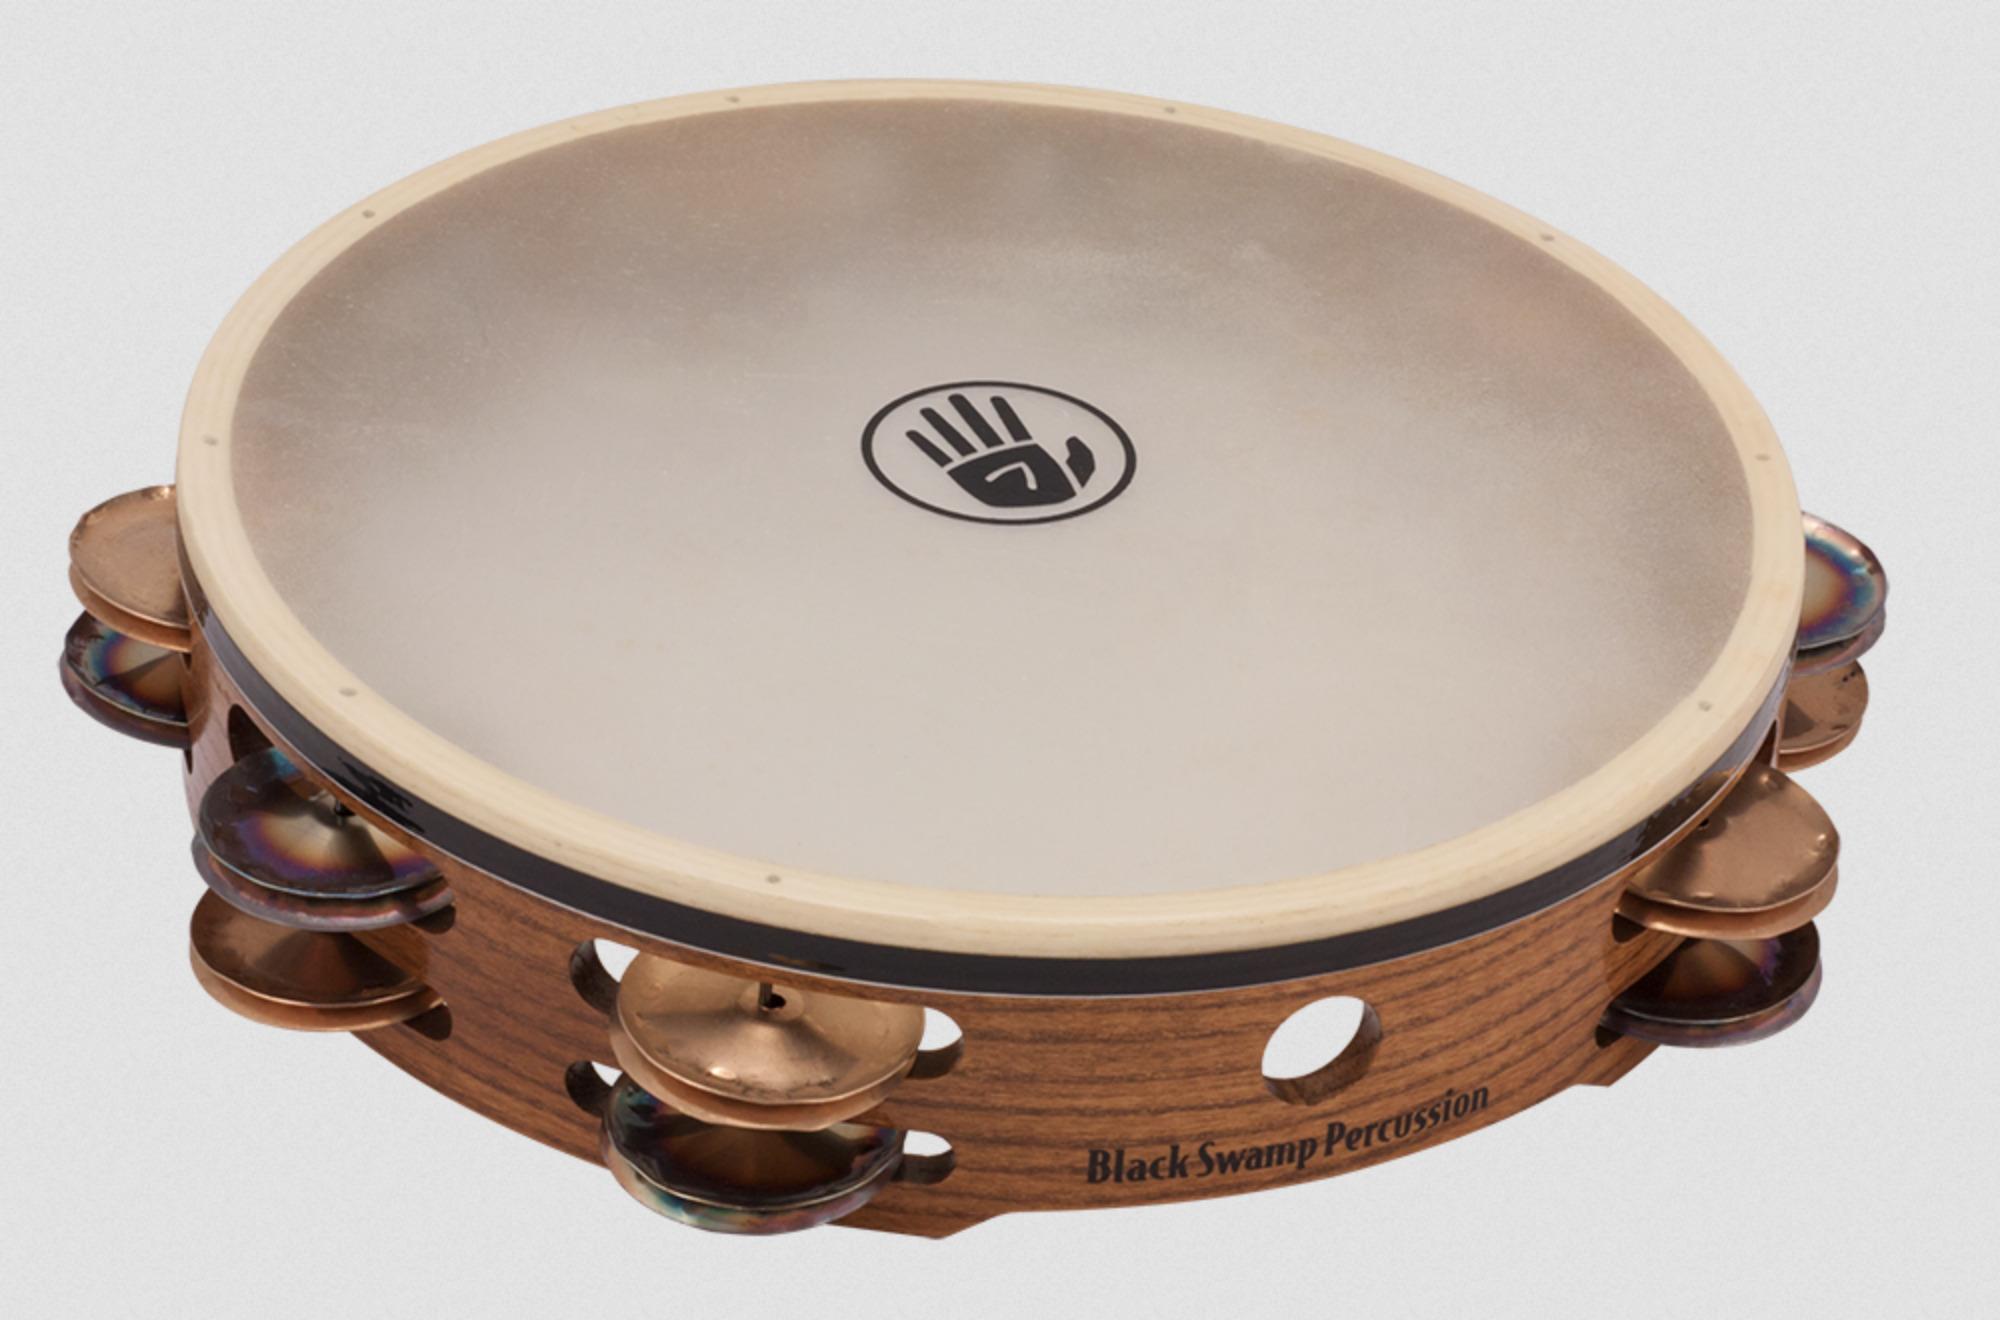 Black Swamp Percussion Tambourine TC1 Chromium 25 / Bronze